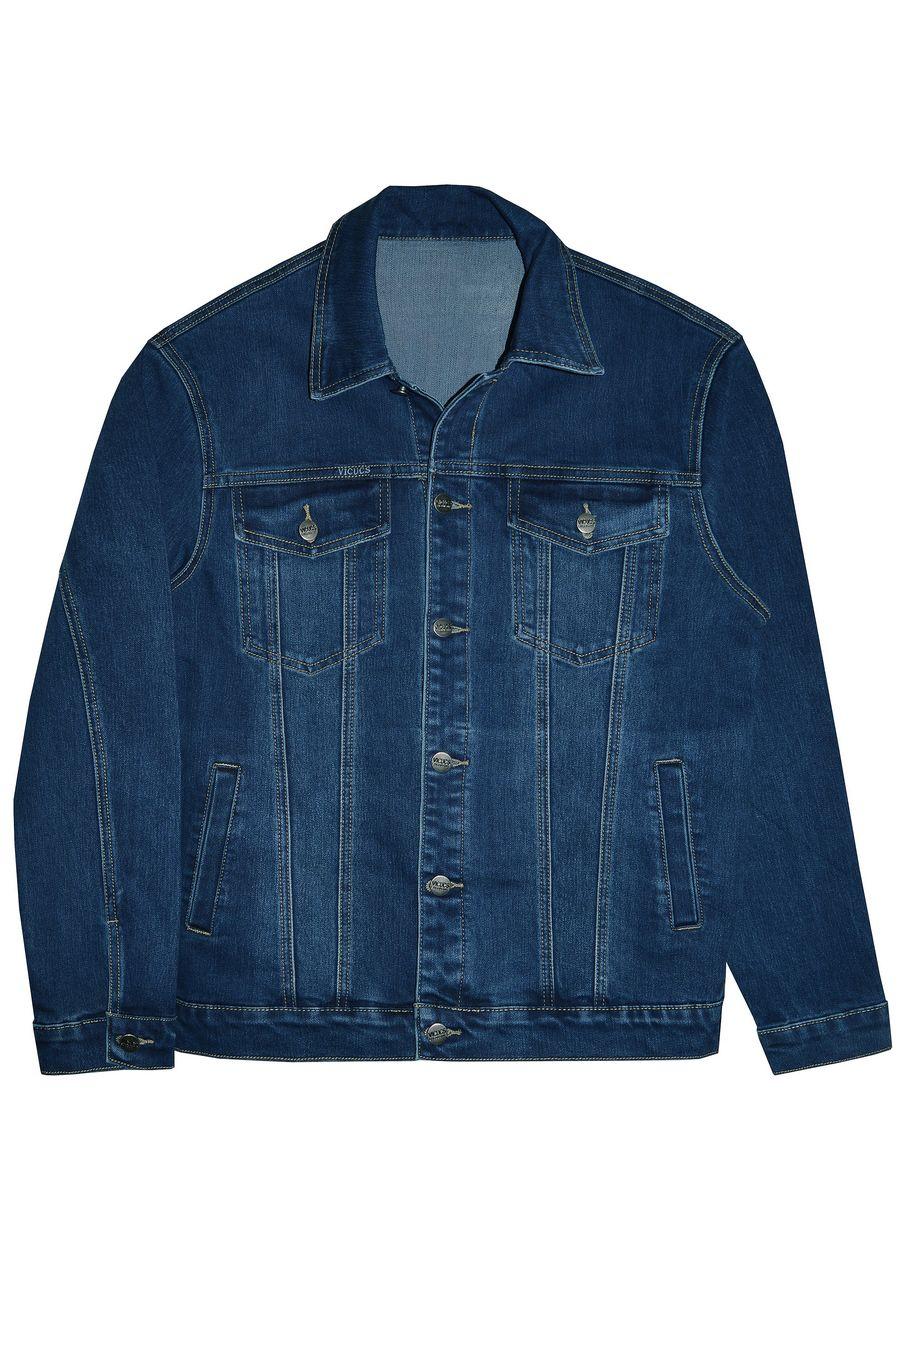 Пиджак мужской (джинсовка) Vicucs 728E.870-8T (M-3XL) - фото 1